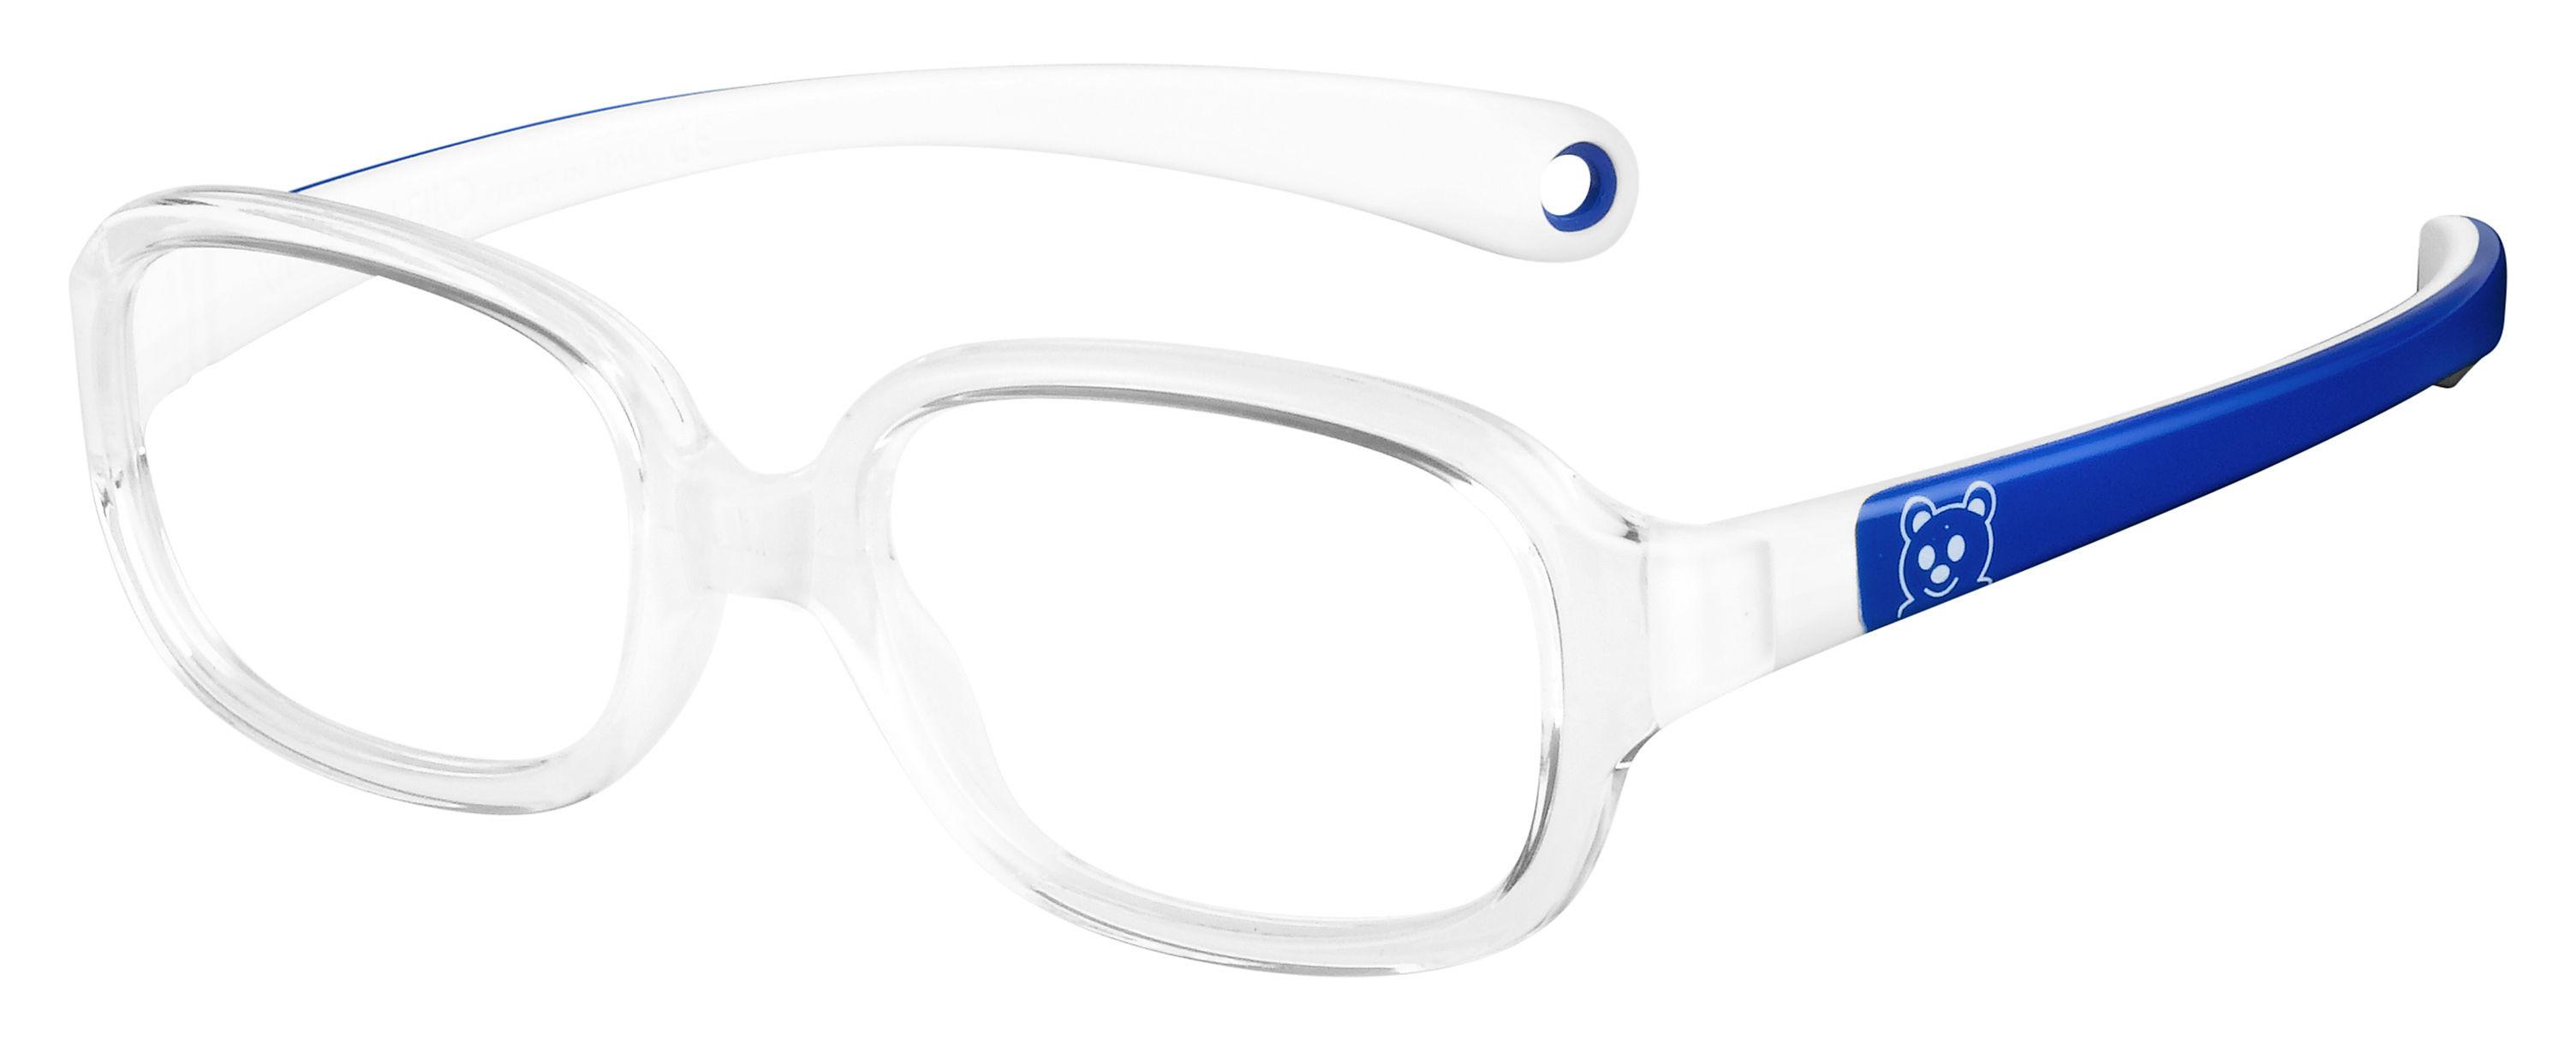 3000eef328950 Eyewear for Kids - Kids By Safilo - Optiwow